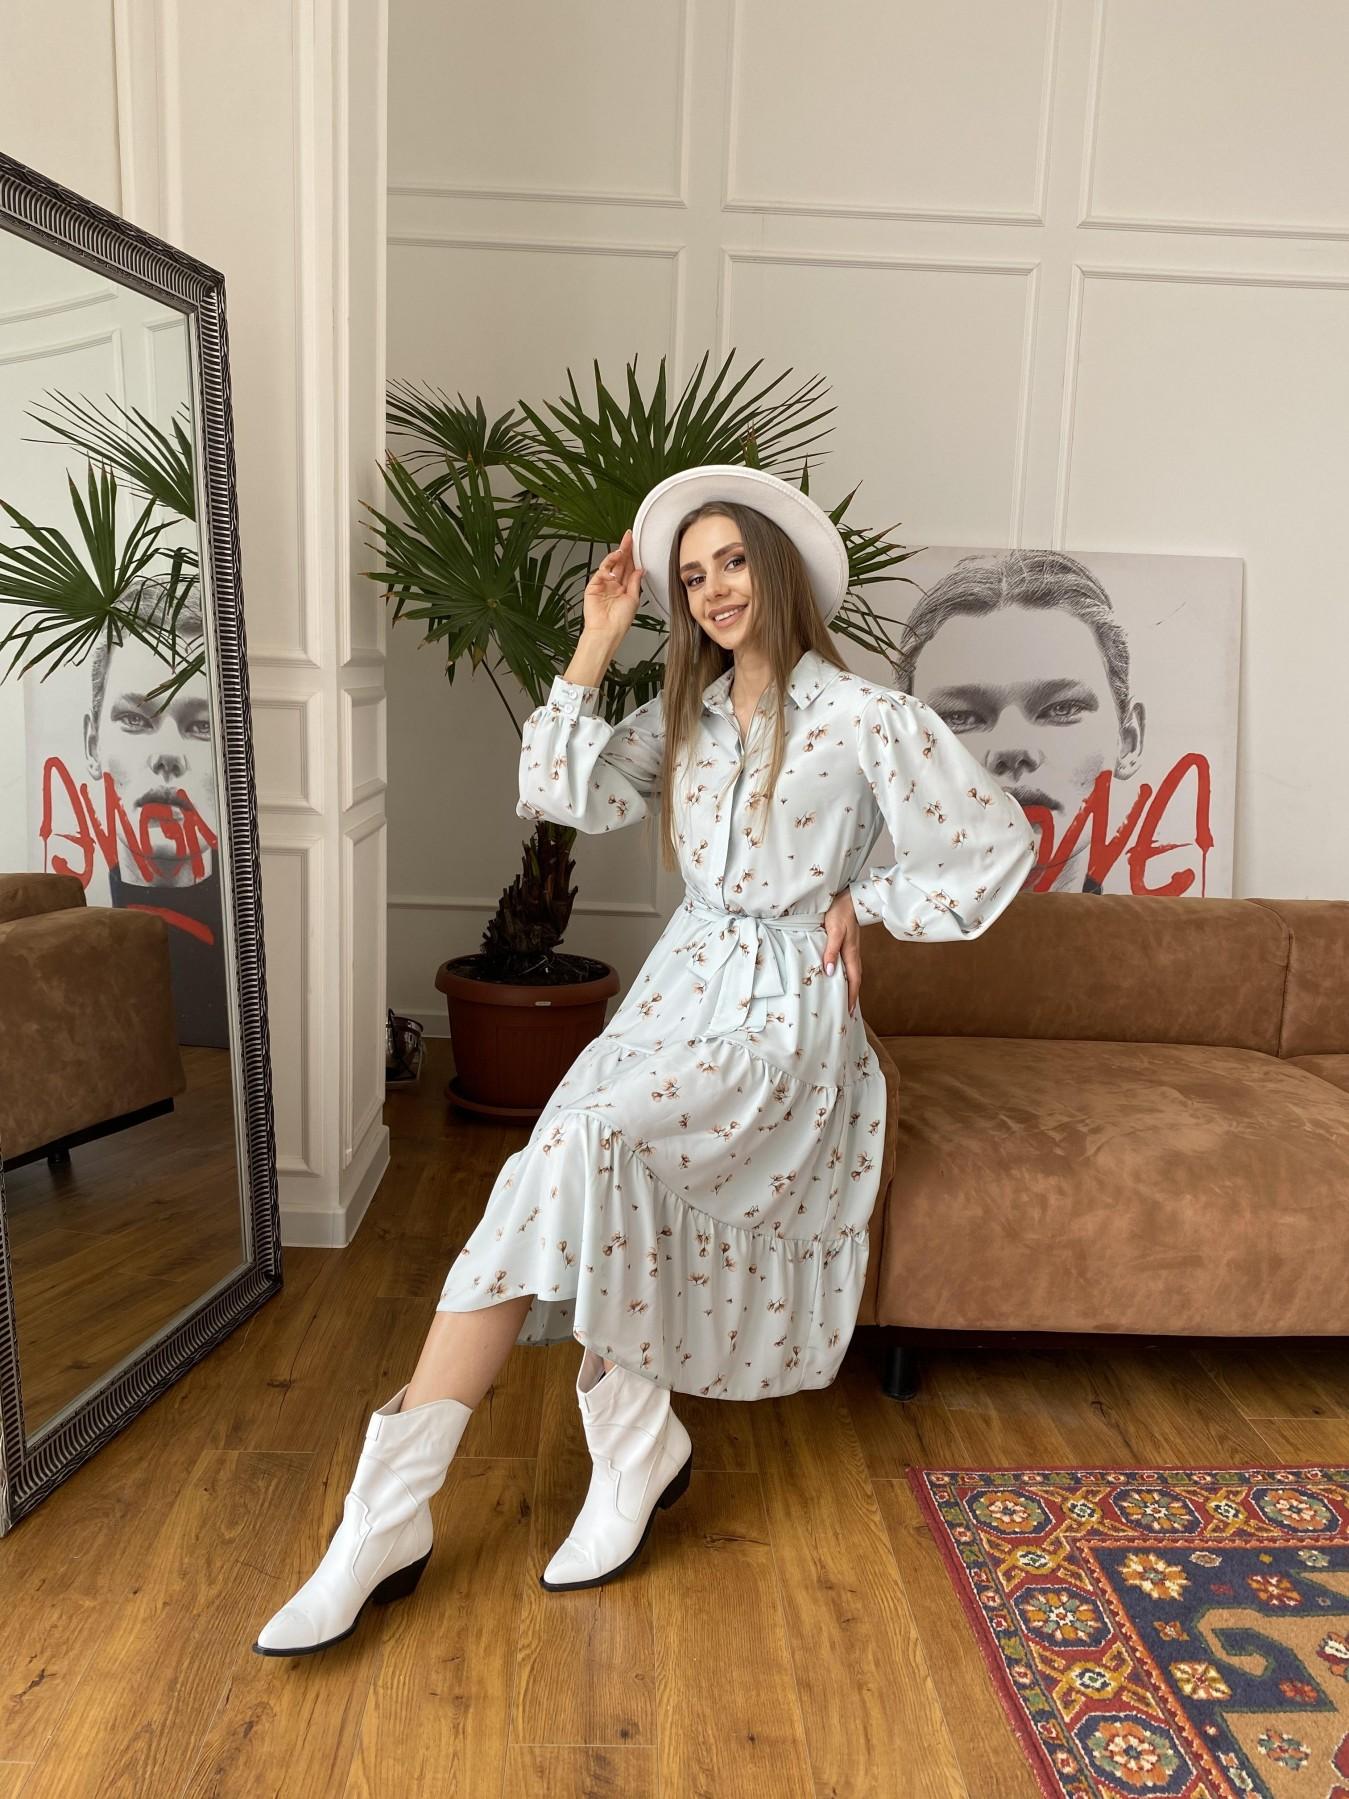 Лилия платье из софта с принтом 11108 АРТ. 47590 Цвет: МятаСв/БежЦветокМел - фото 4, интернет магазин tm-modus.ru